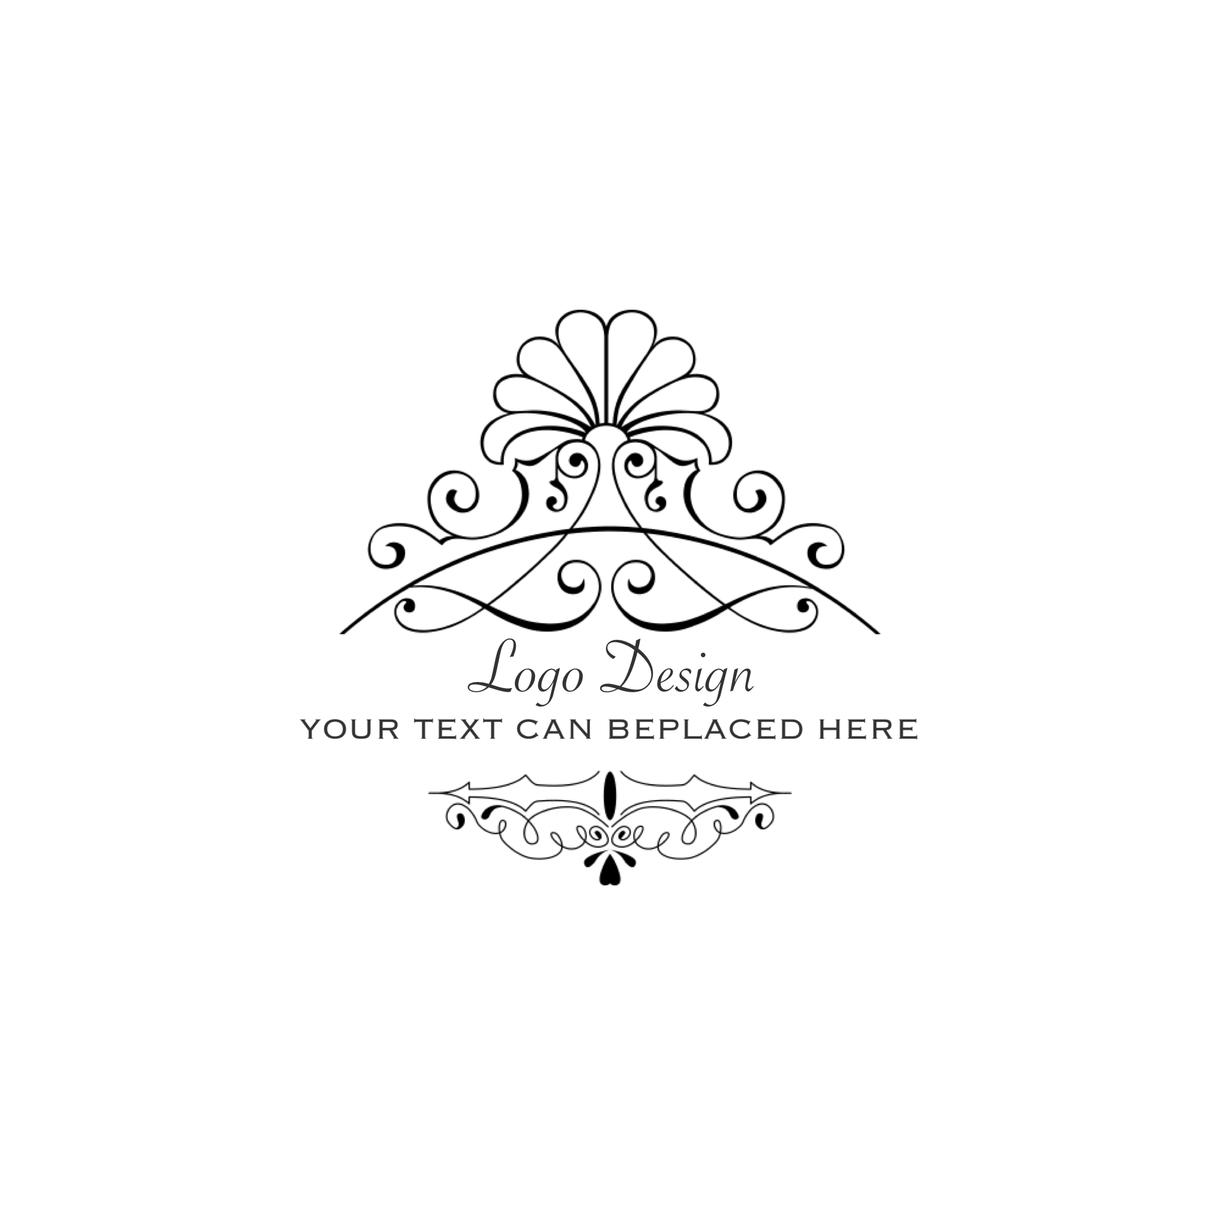 目を引く素敵なロゴを作成します 納得のできるオシャレなロゴをお作りします